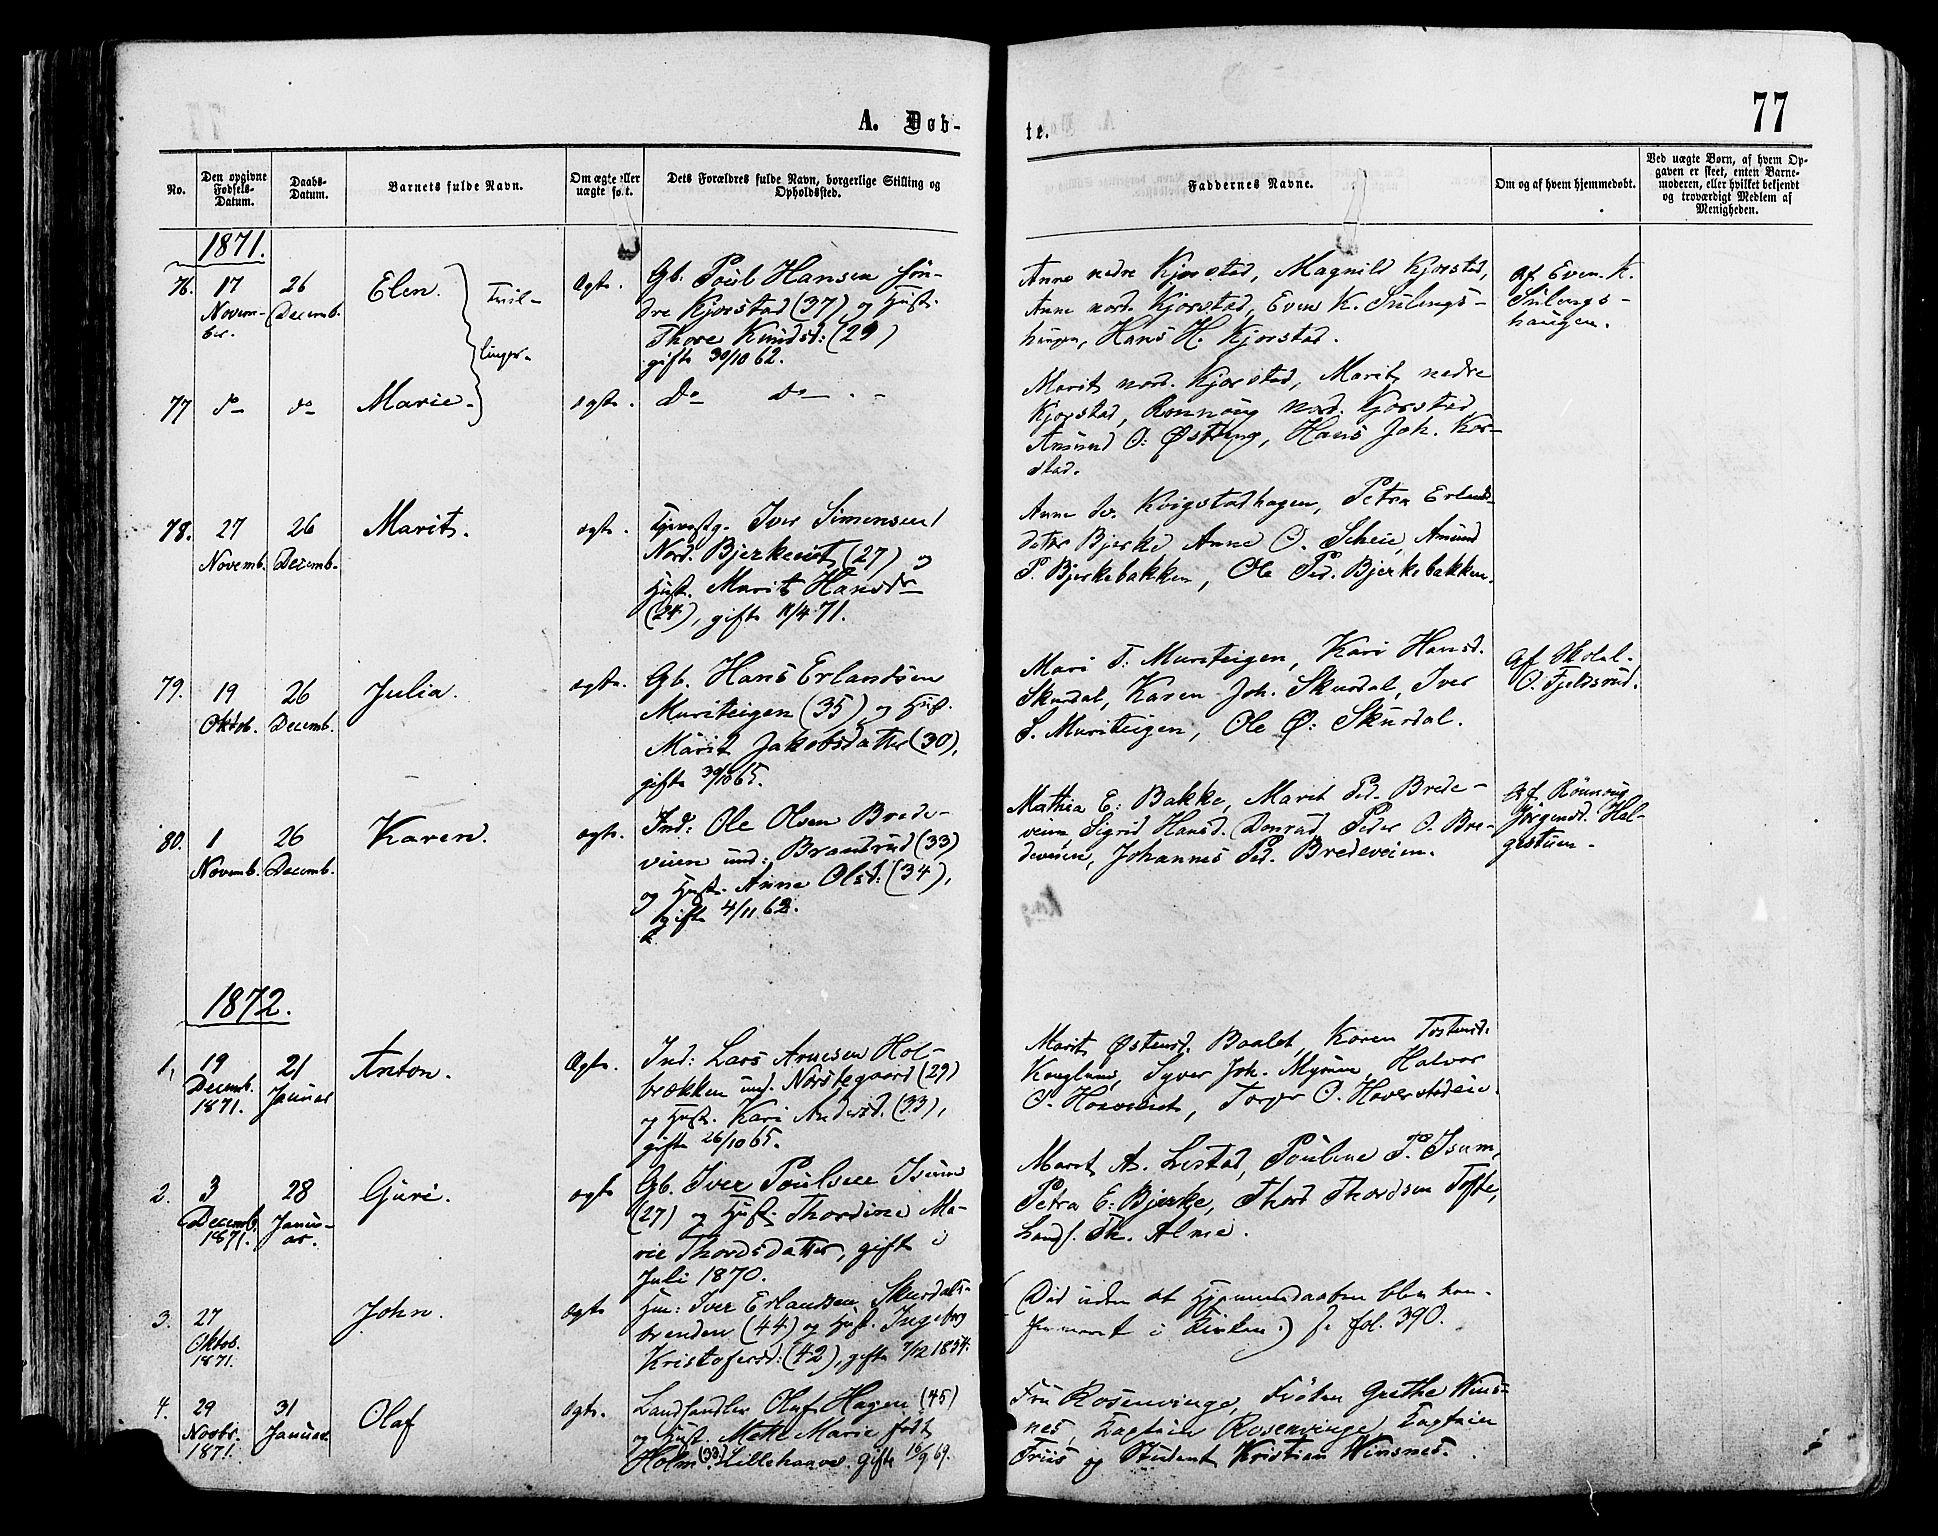 SAH, Sør-Fron prestekontor, H/Ha/Haa/L0002: Ministerialbok nr. 2, 1864-1880, s. 77